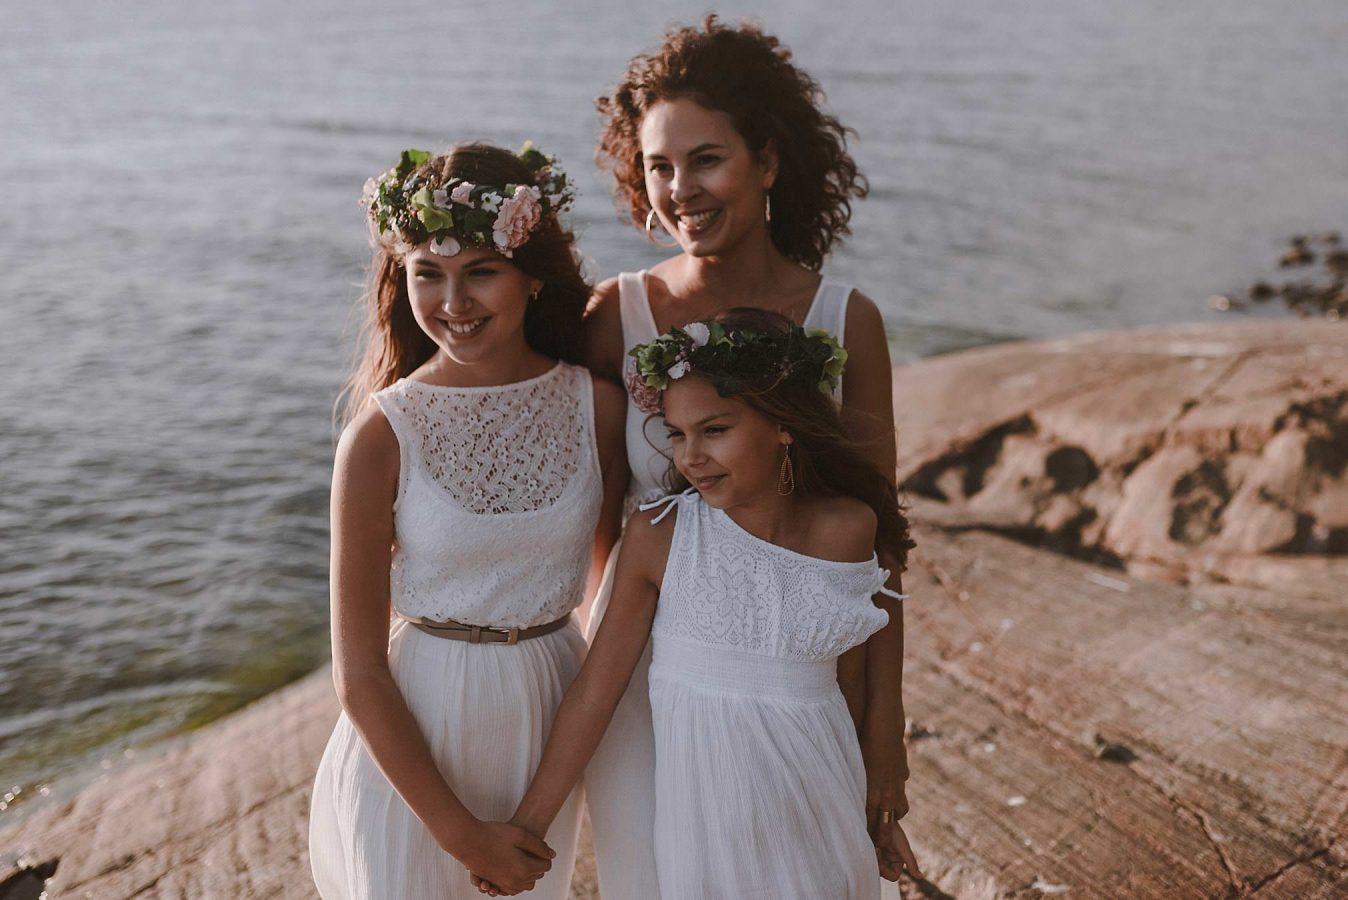 perhekuvaus-turussa-ruissalossa-valokuvaaja-lapsikuvaus-5166